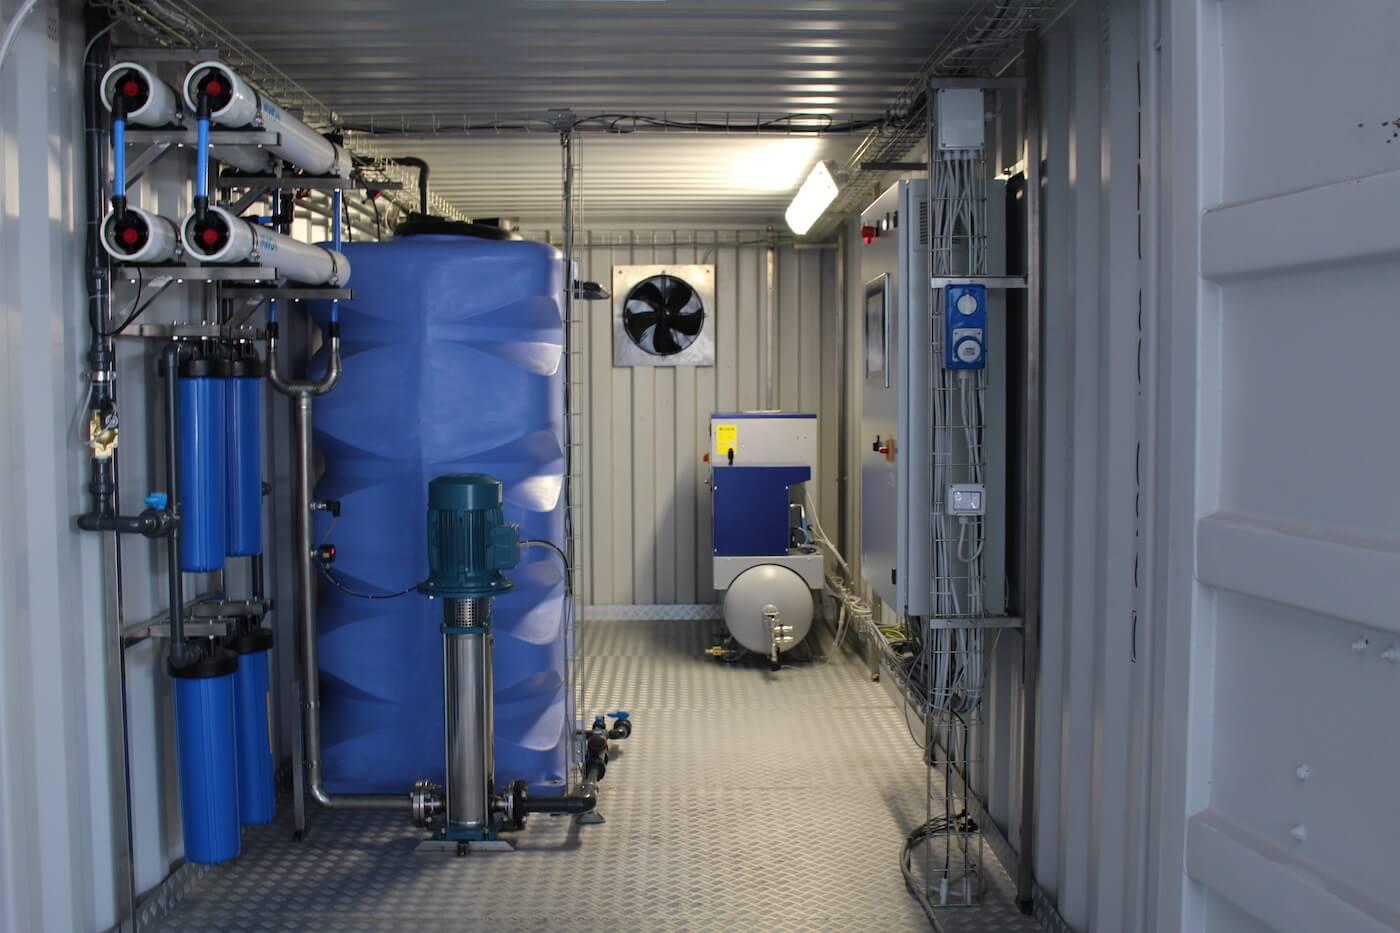 cz trattamento acque - impianti depurazione acqua filtrazione addolcimento osmosi inversa impianti container 4